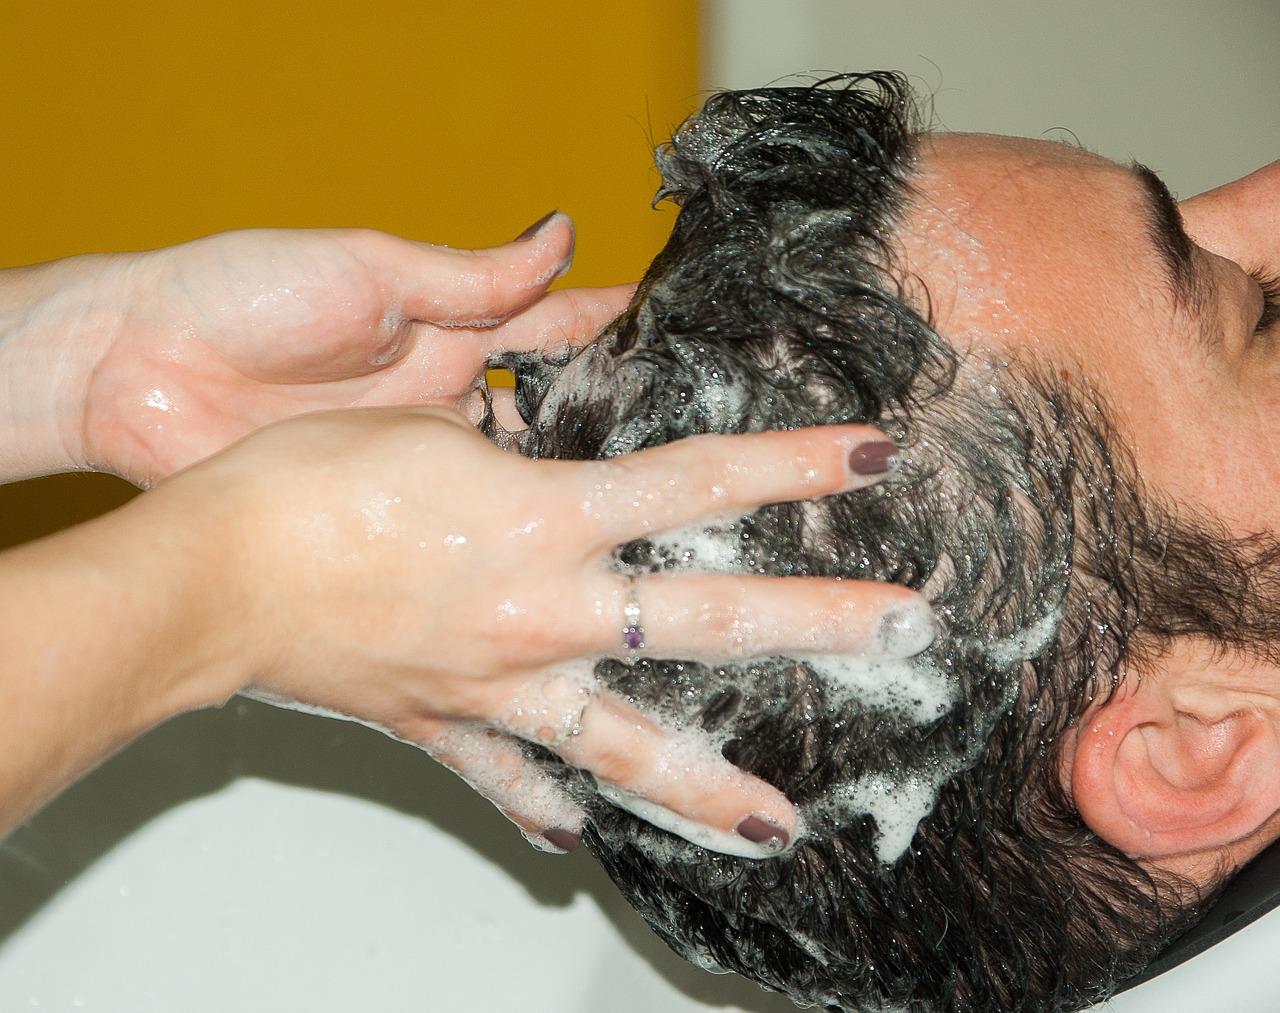 fejbőr pikkelysömör kezelése kenőccsel